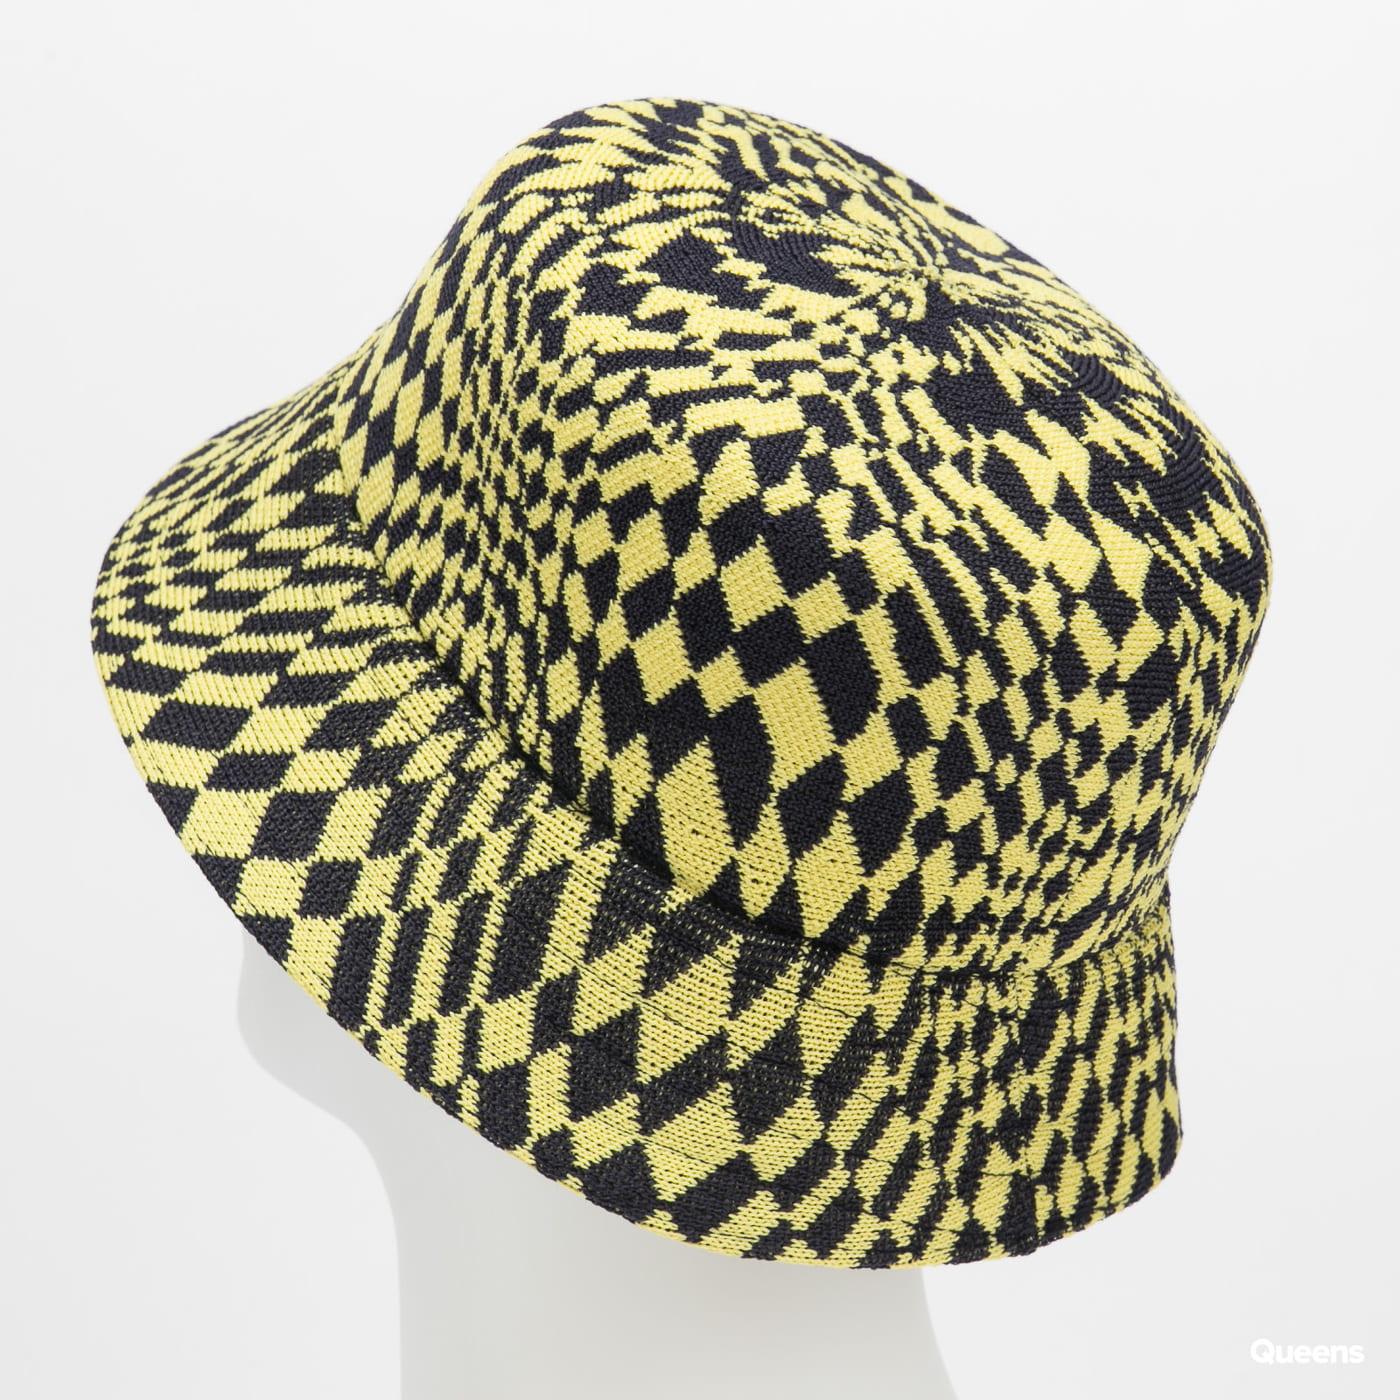 KANGOL Warped Check Bucket žlutý / navy